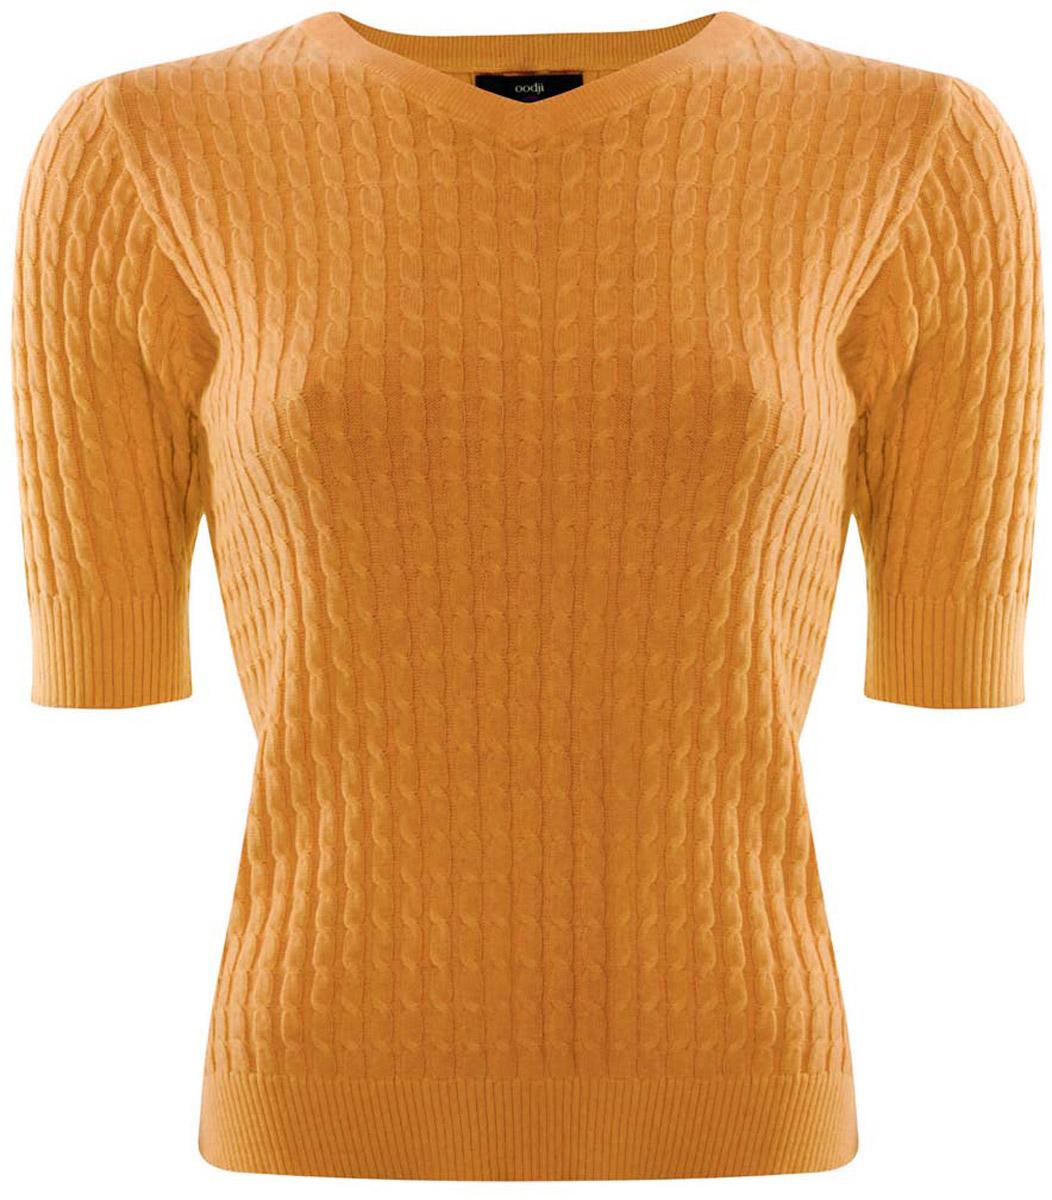 Джемпер женский oodji Ultra, цвет: темно-желтый. 63812518-1/42361/5200N. Размер M (46)63812518-1/42361/5200NДжемпер женский oodji Ultra изготовлен из натурального хлопка с добавлением полиамида. Модель выполнена с рукавами до локтя и V-образным вырезом. Горловина, низ джемпера и рукавов связаны резинкой, по бокам имеются небольшие разрезы.